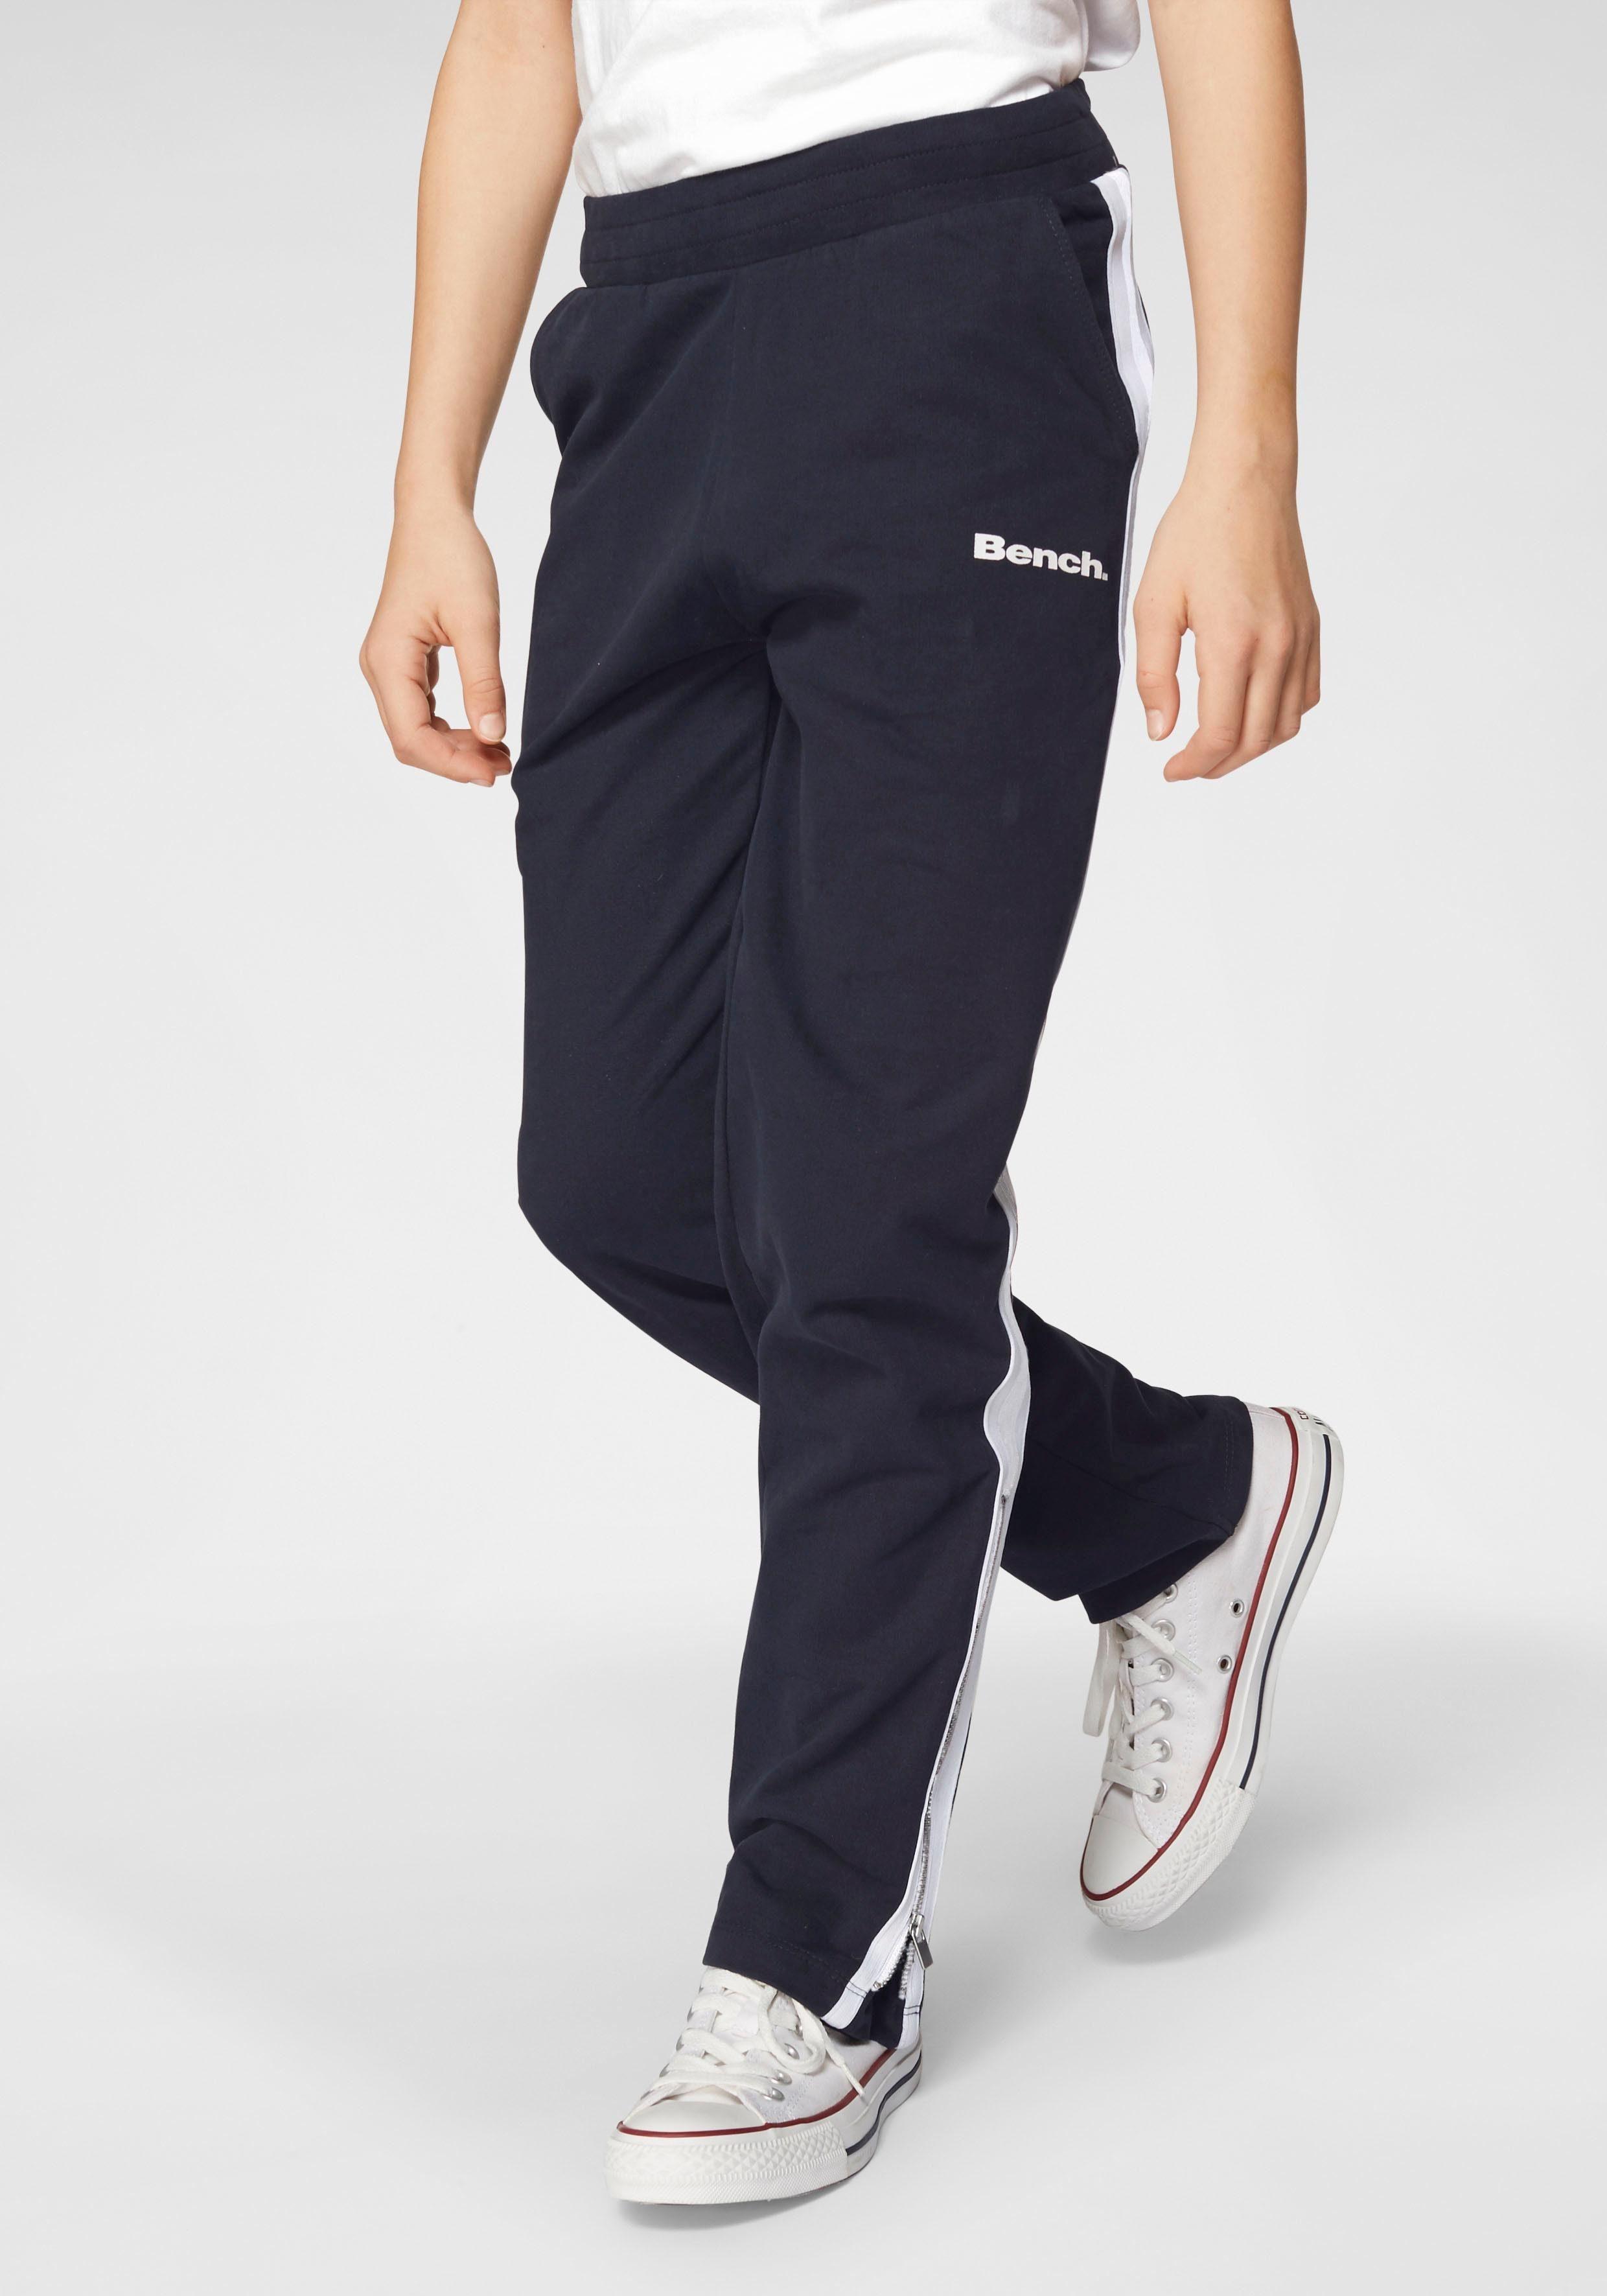 Adidas Munchen Trachten at Fc Pfluger Bayern Schuhe Jungen